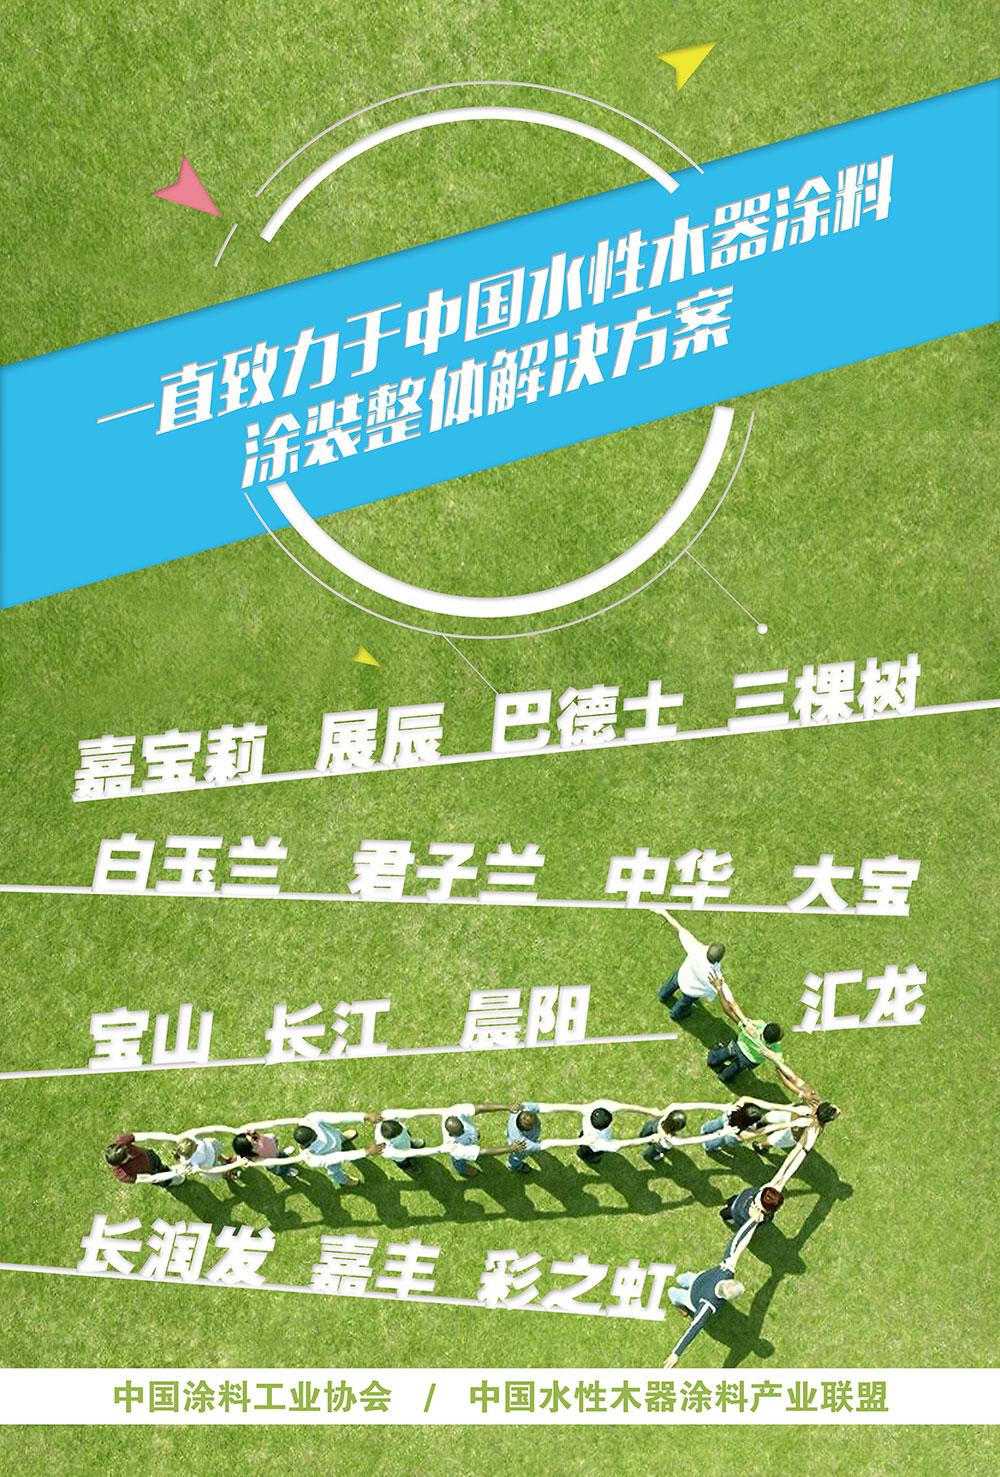 第二十二届亚洲涂料工业会议(Asian Paint Industry Council,APIC)在沪召开